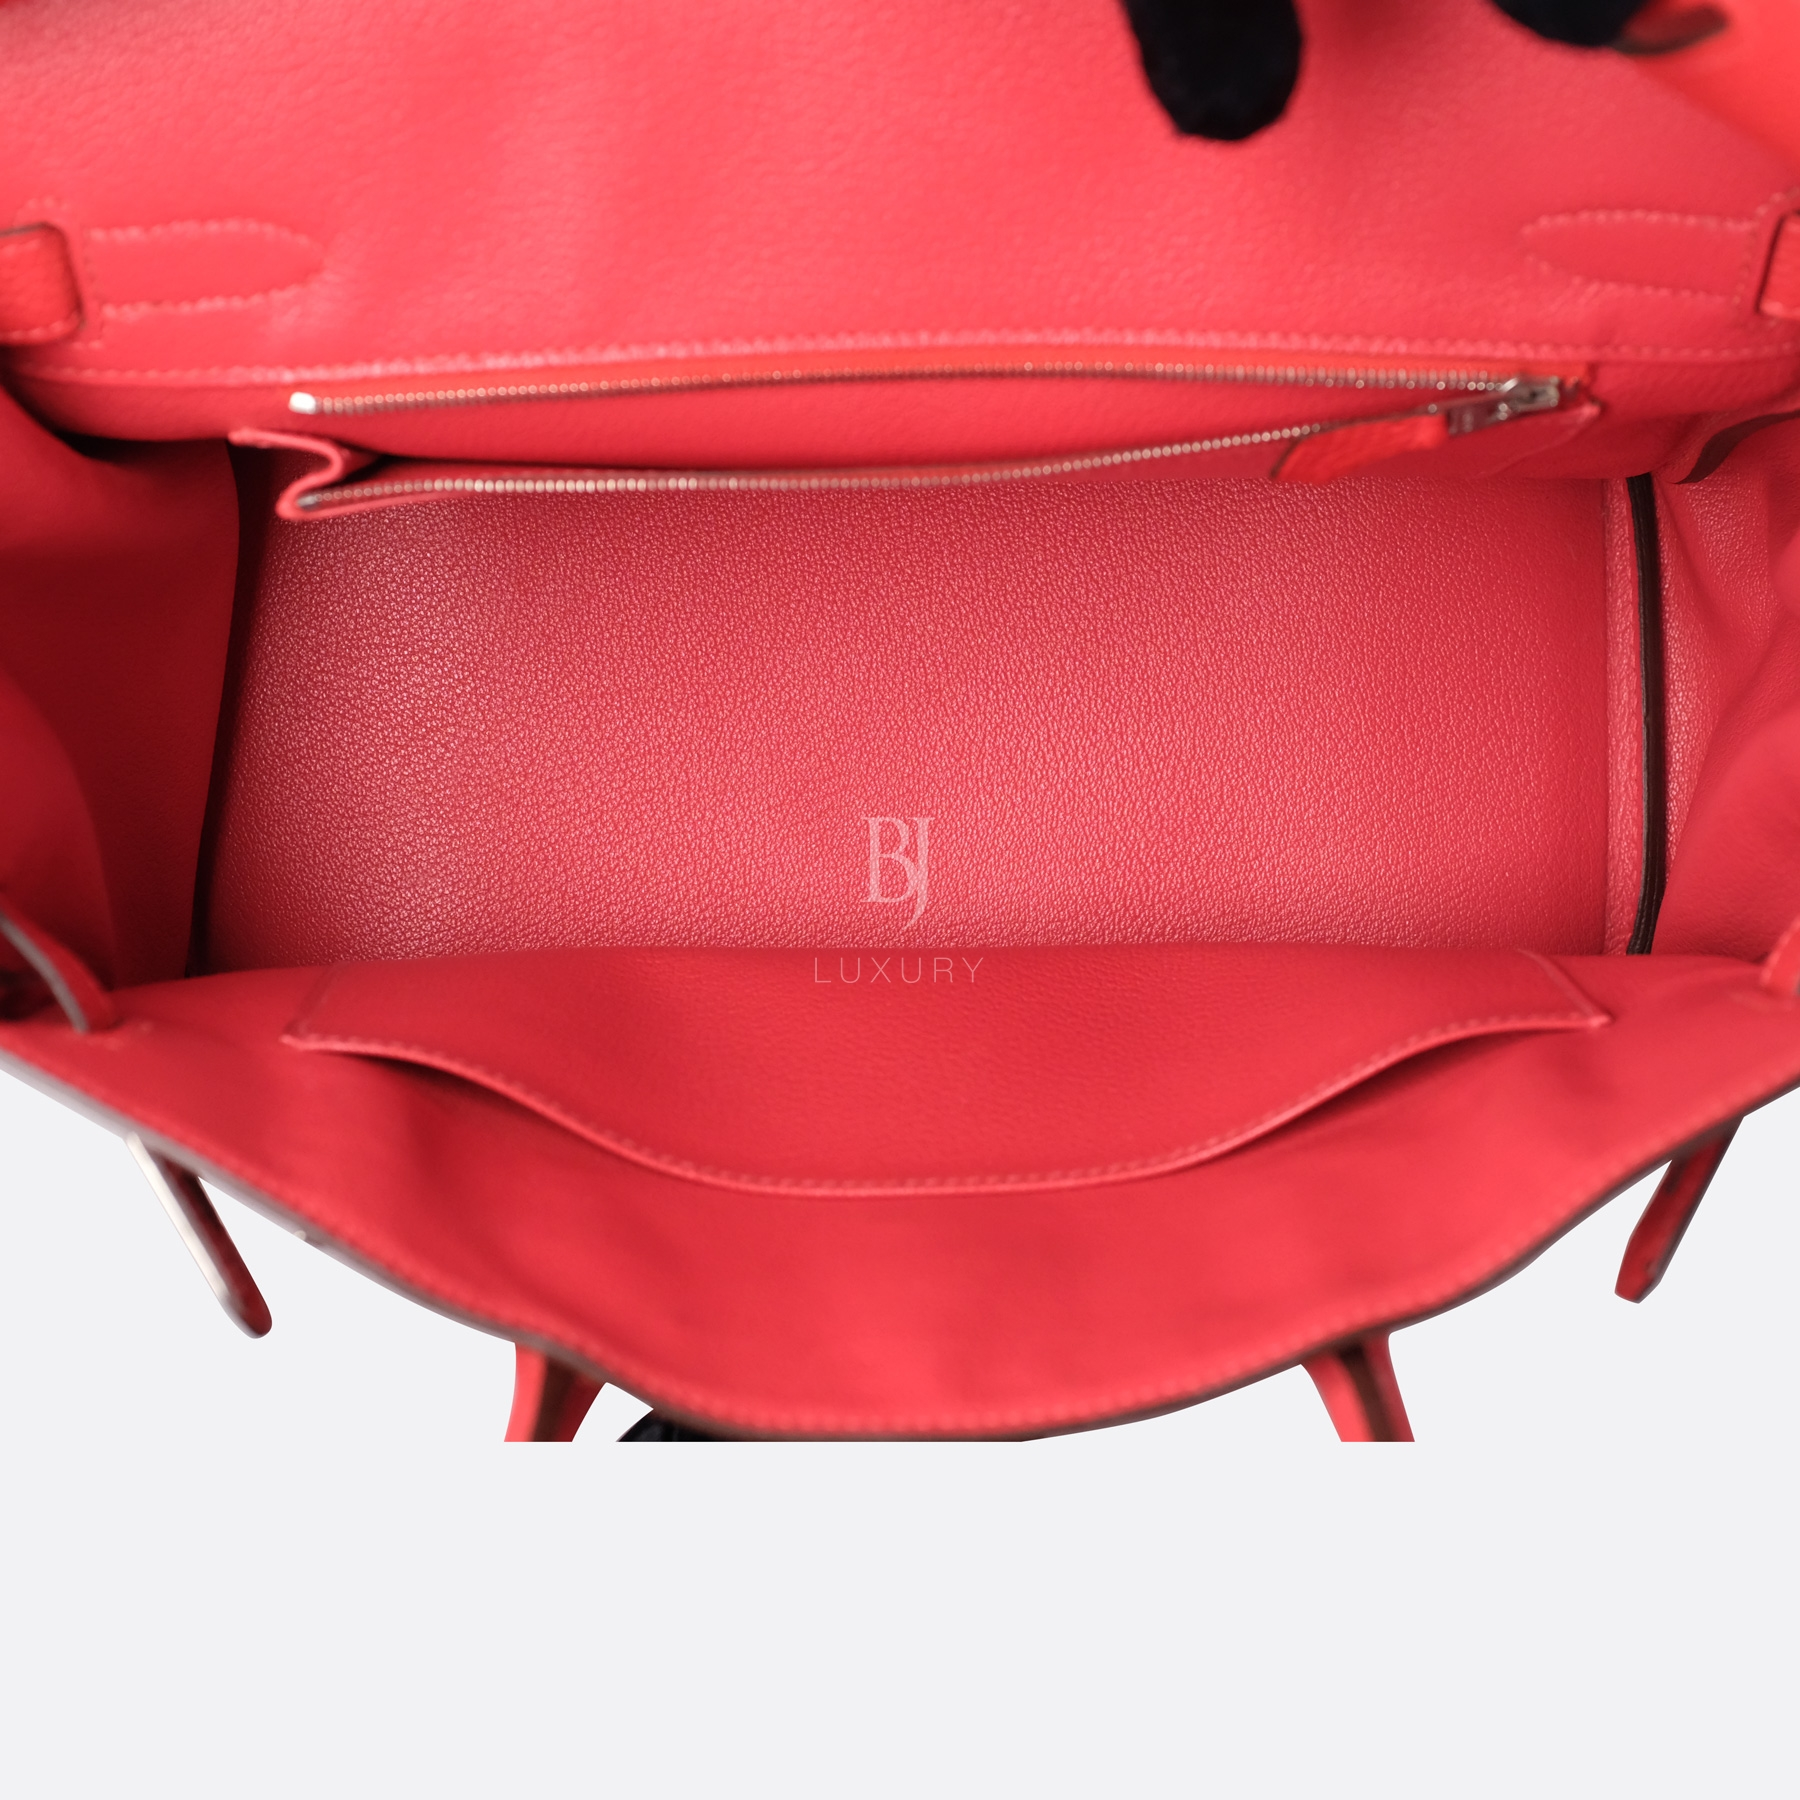 Hermes Birkin 30 Rougue Pivoine Togo Palladium BJ Luxury 8.jpg